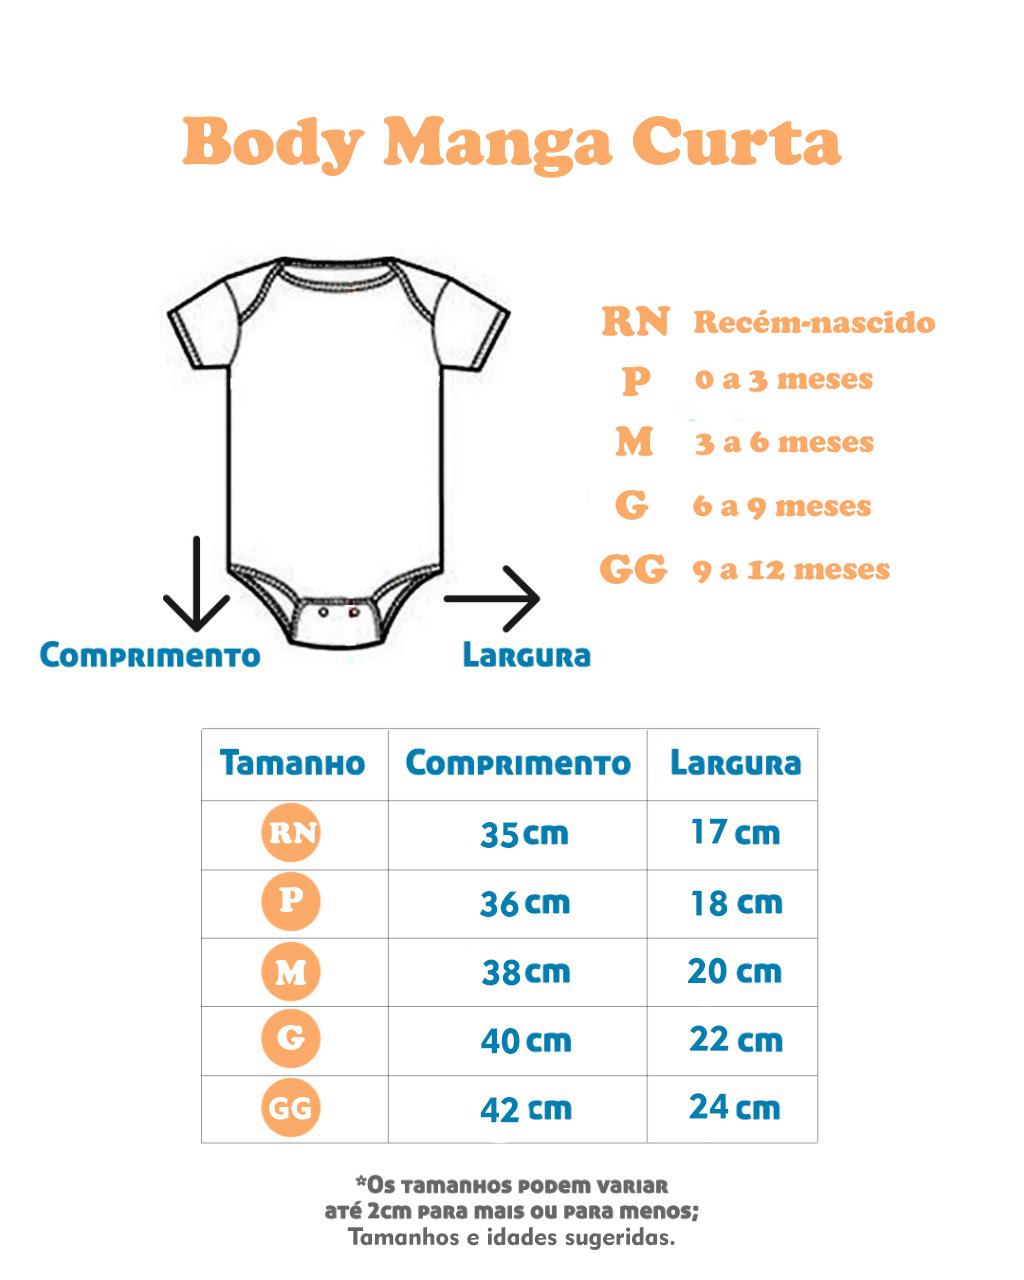 Body Manga Curta Perna Longa (P/M/G)